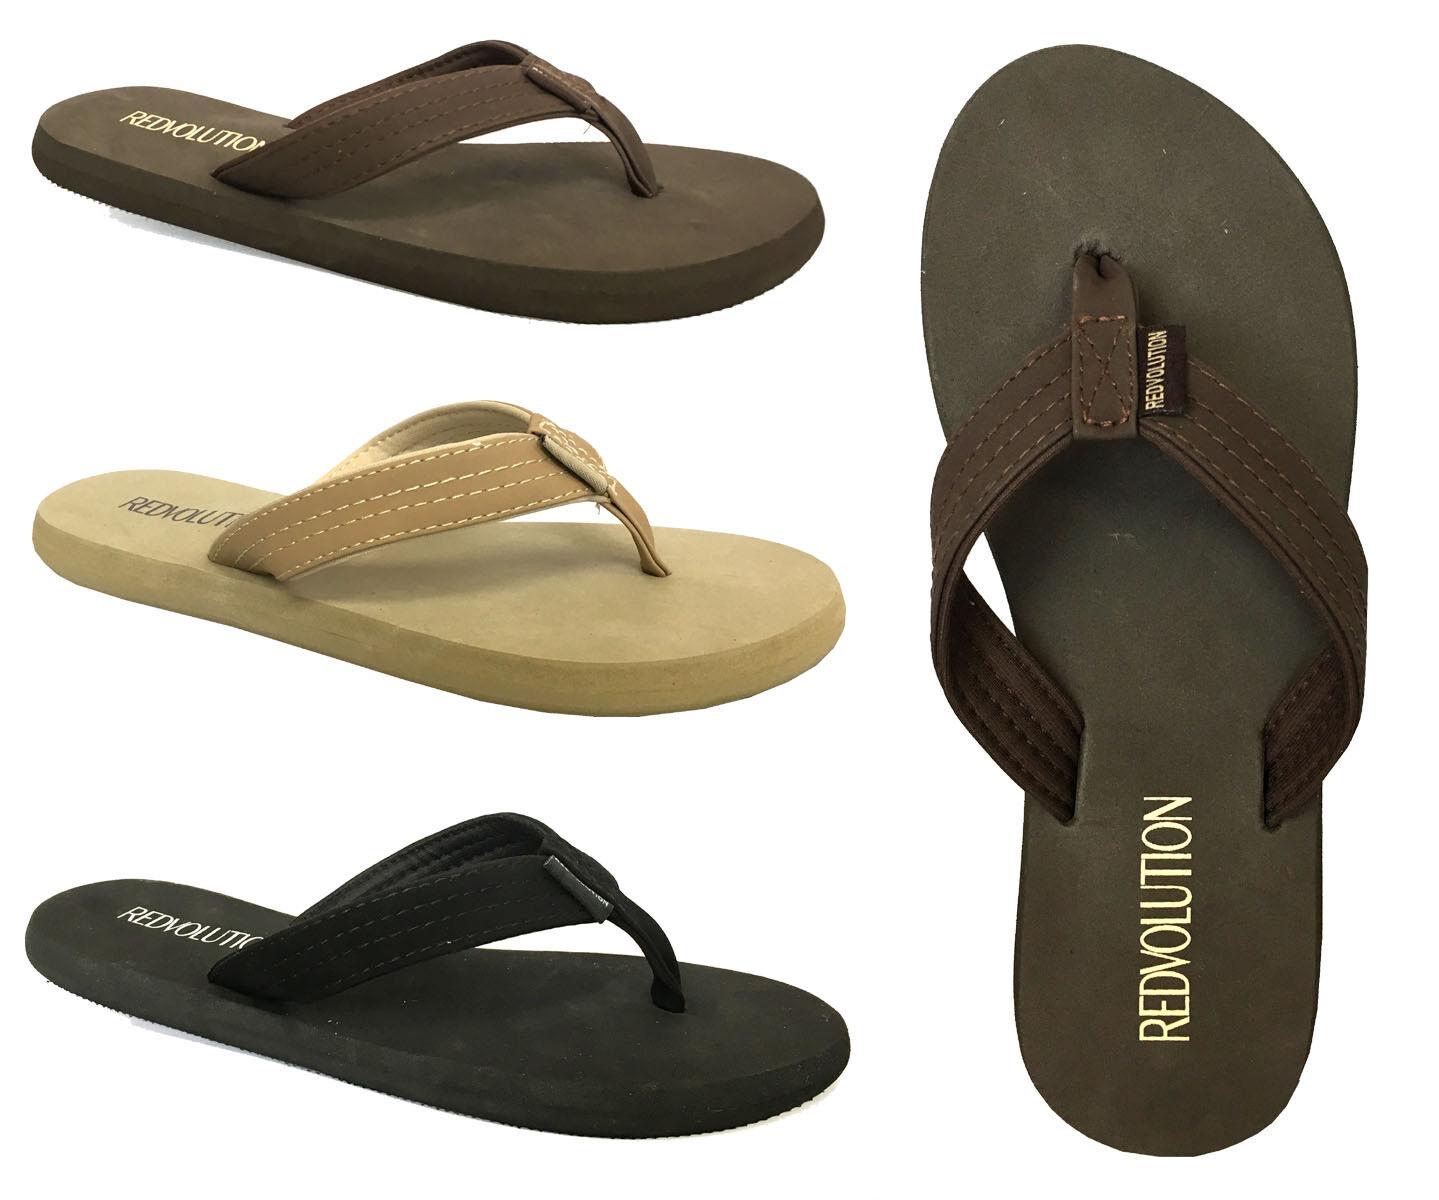 NEW Women's Classic Beach Sandals Flip Flops Soft Comfortabl